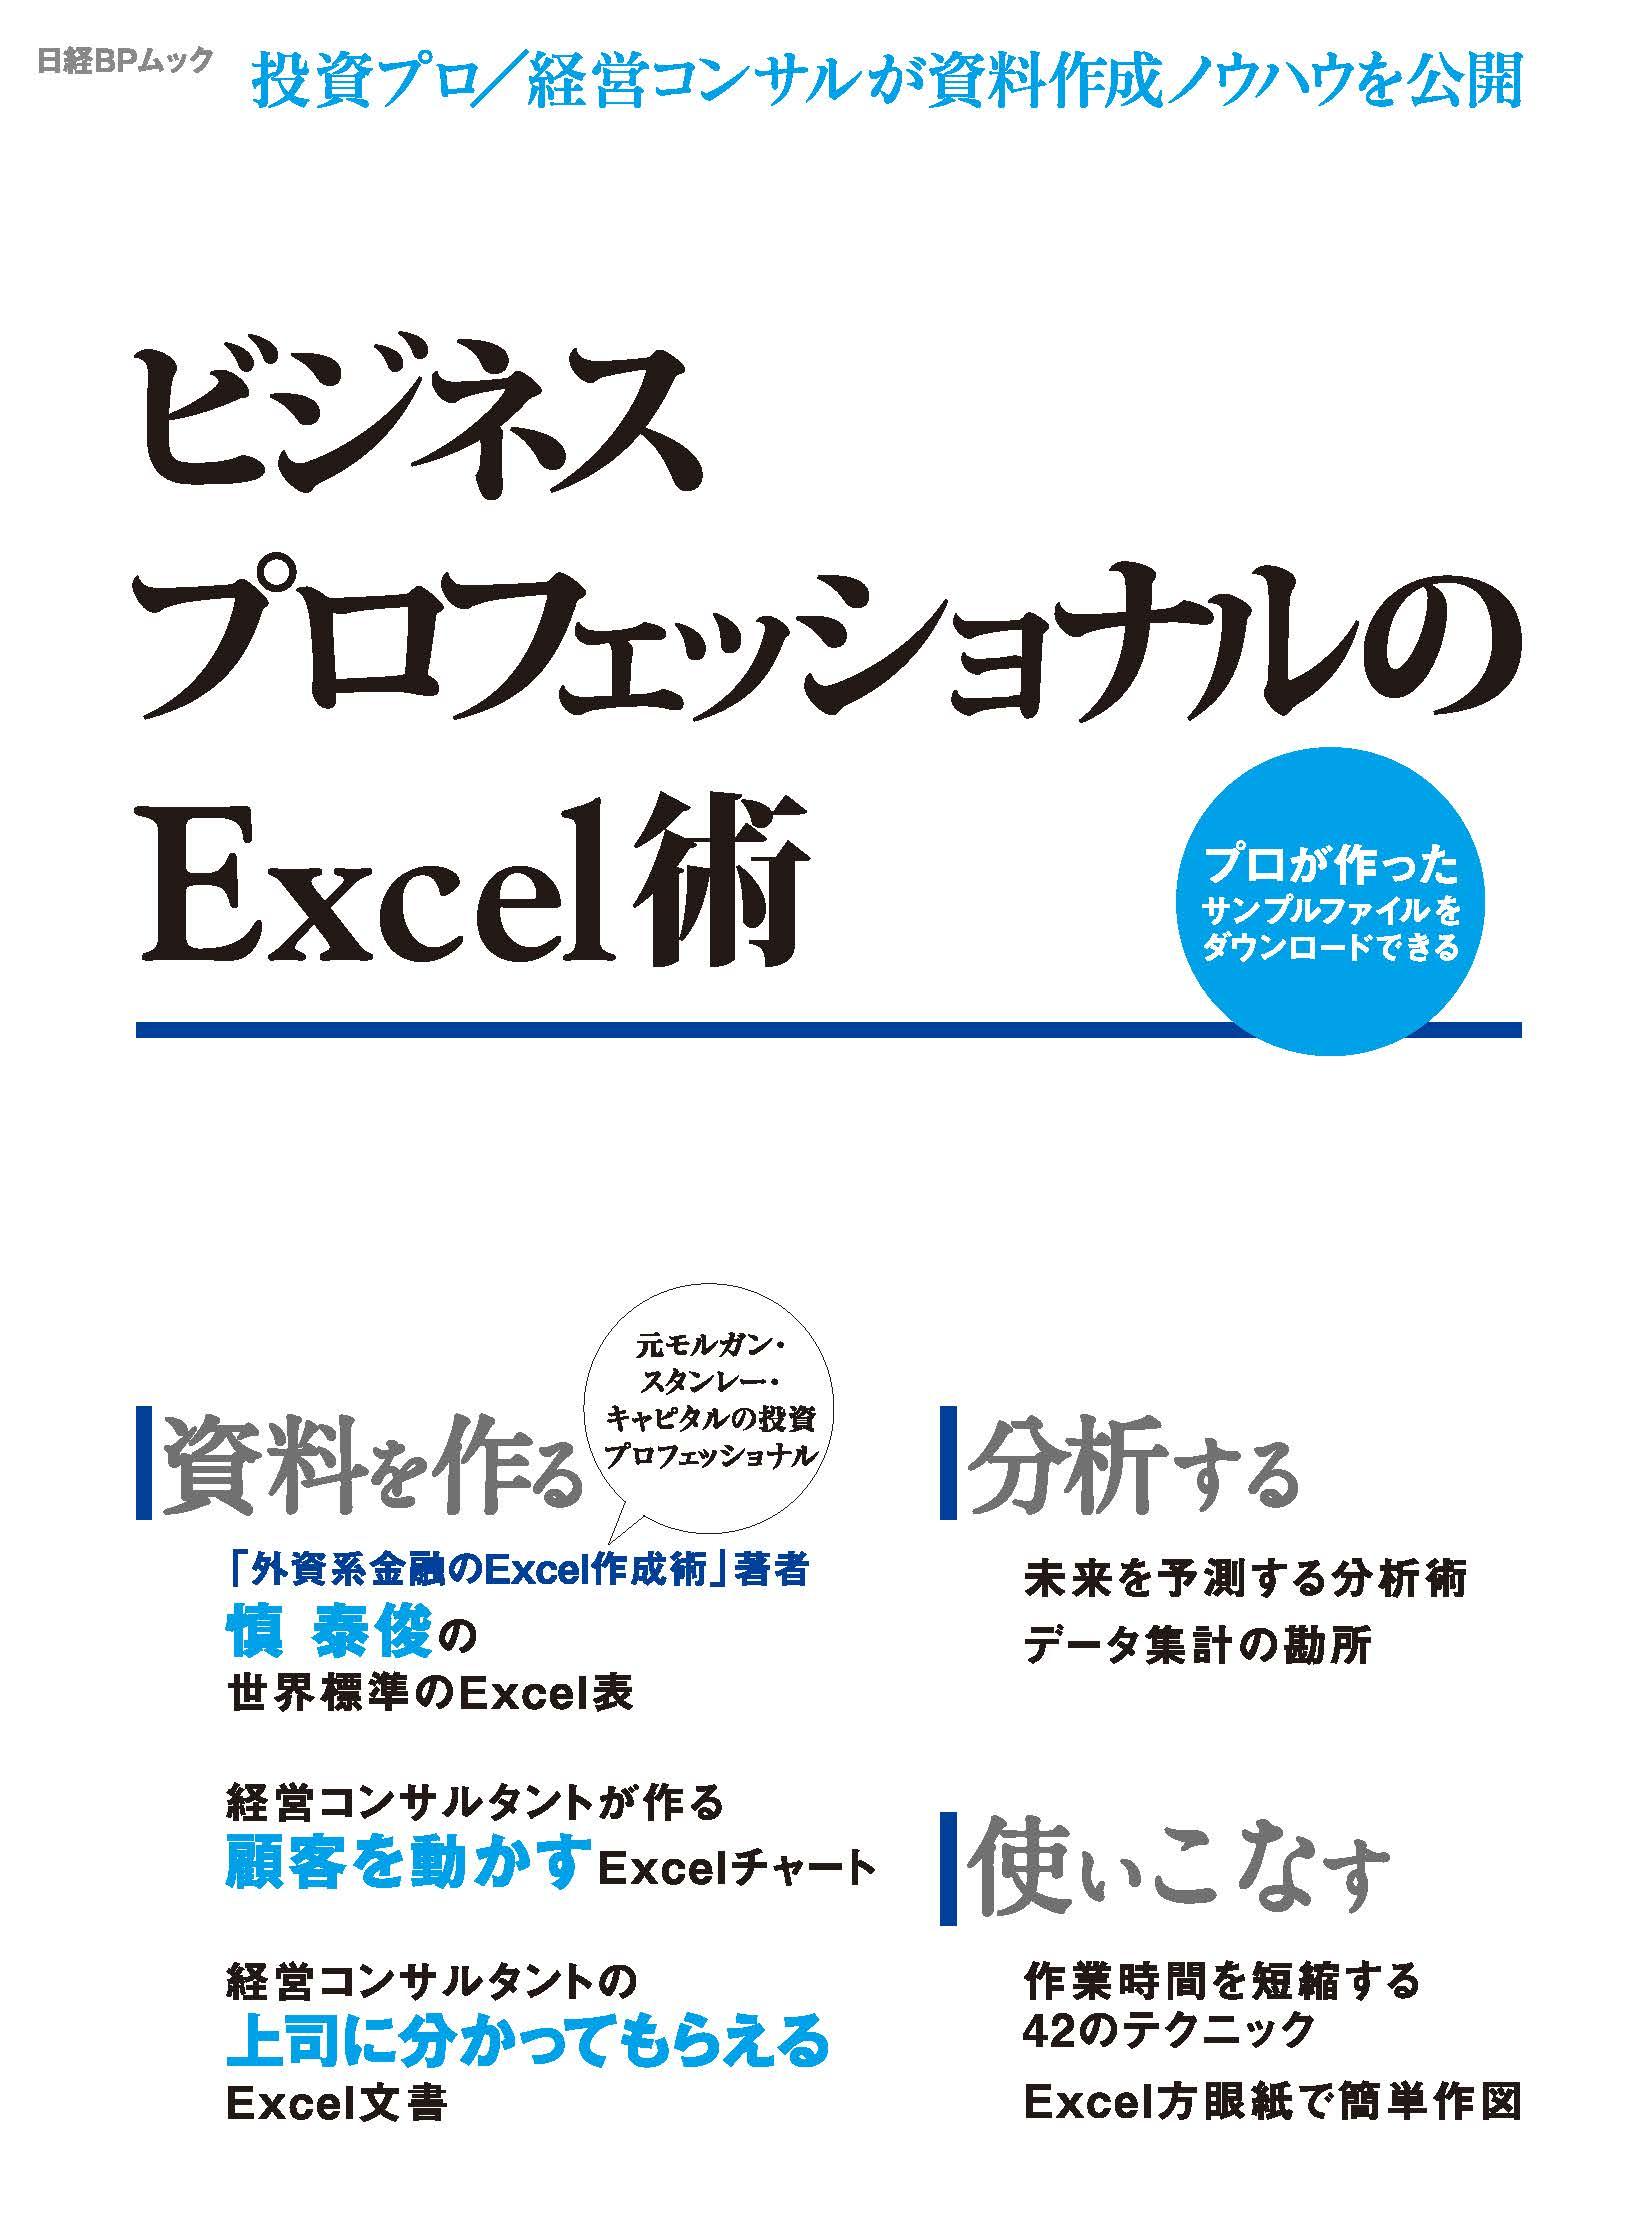 ビジネスプロフェッショナルのExcel術